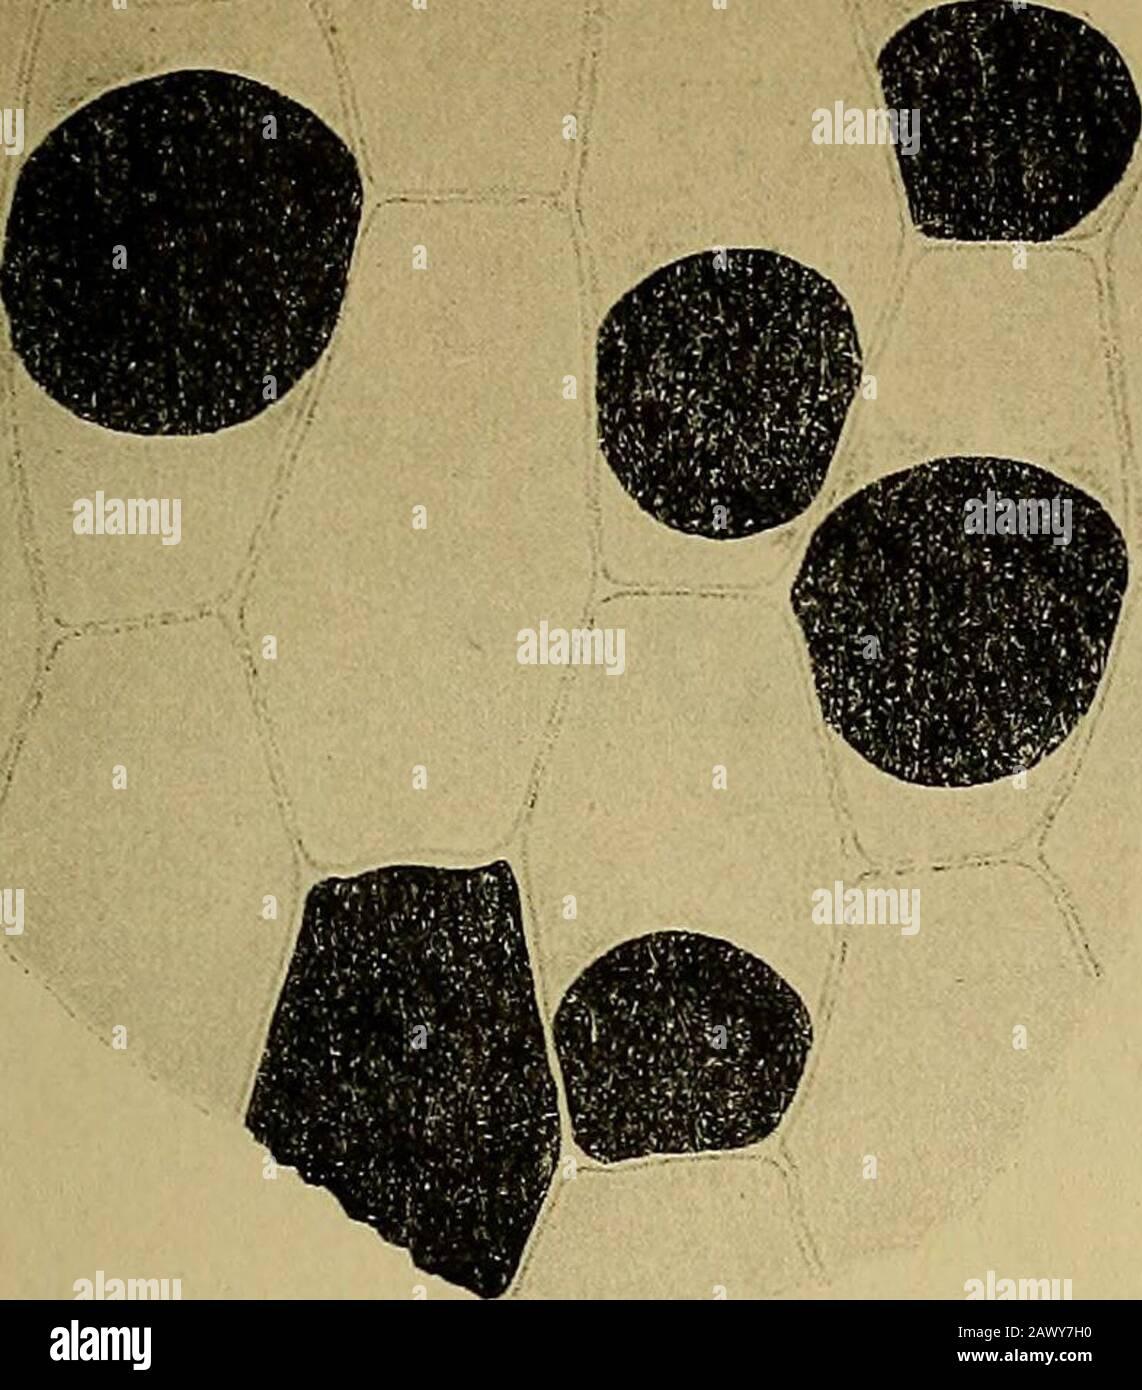 Sitzungsberichte . de ein merkwürdiges Zusammenvorkommenvon Anthochlor und Gerbstoffderivaten, wahrscheinlich Katechu-glukotannoiden, in derselben Zelle bei den gelben Acacia-Bütengezeigt. 262 G. Klein, Studien über das Anthochlor. Figurenerklärung. Fig. 1. Stück eines Filamentes von Acacia rostelltfera. A. Farblose Vakuolen imgelben Zellsaft. Fig. 2. Stück eines Korollblattes von Acacia rostelltfera. Die Gerbstoffvakuolen mitOsmiumsäure schwarz gefärbt. Fig. 3. Stück eines Korollblattes von Acacia falcata. In den GerbstoffvakuolenKörnchen mit Osmiumsäure blau gefärbt. Fig. 4. Stück eines Que Stock Photo